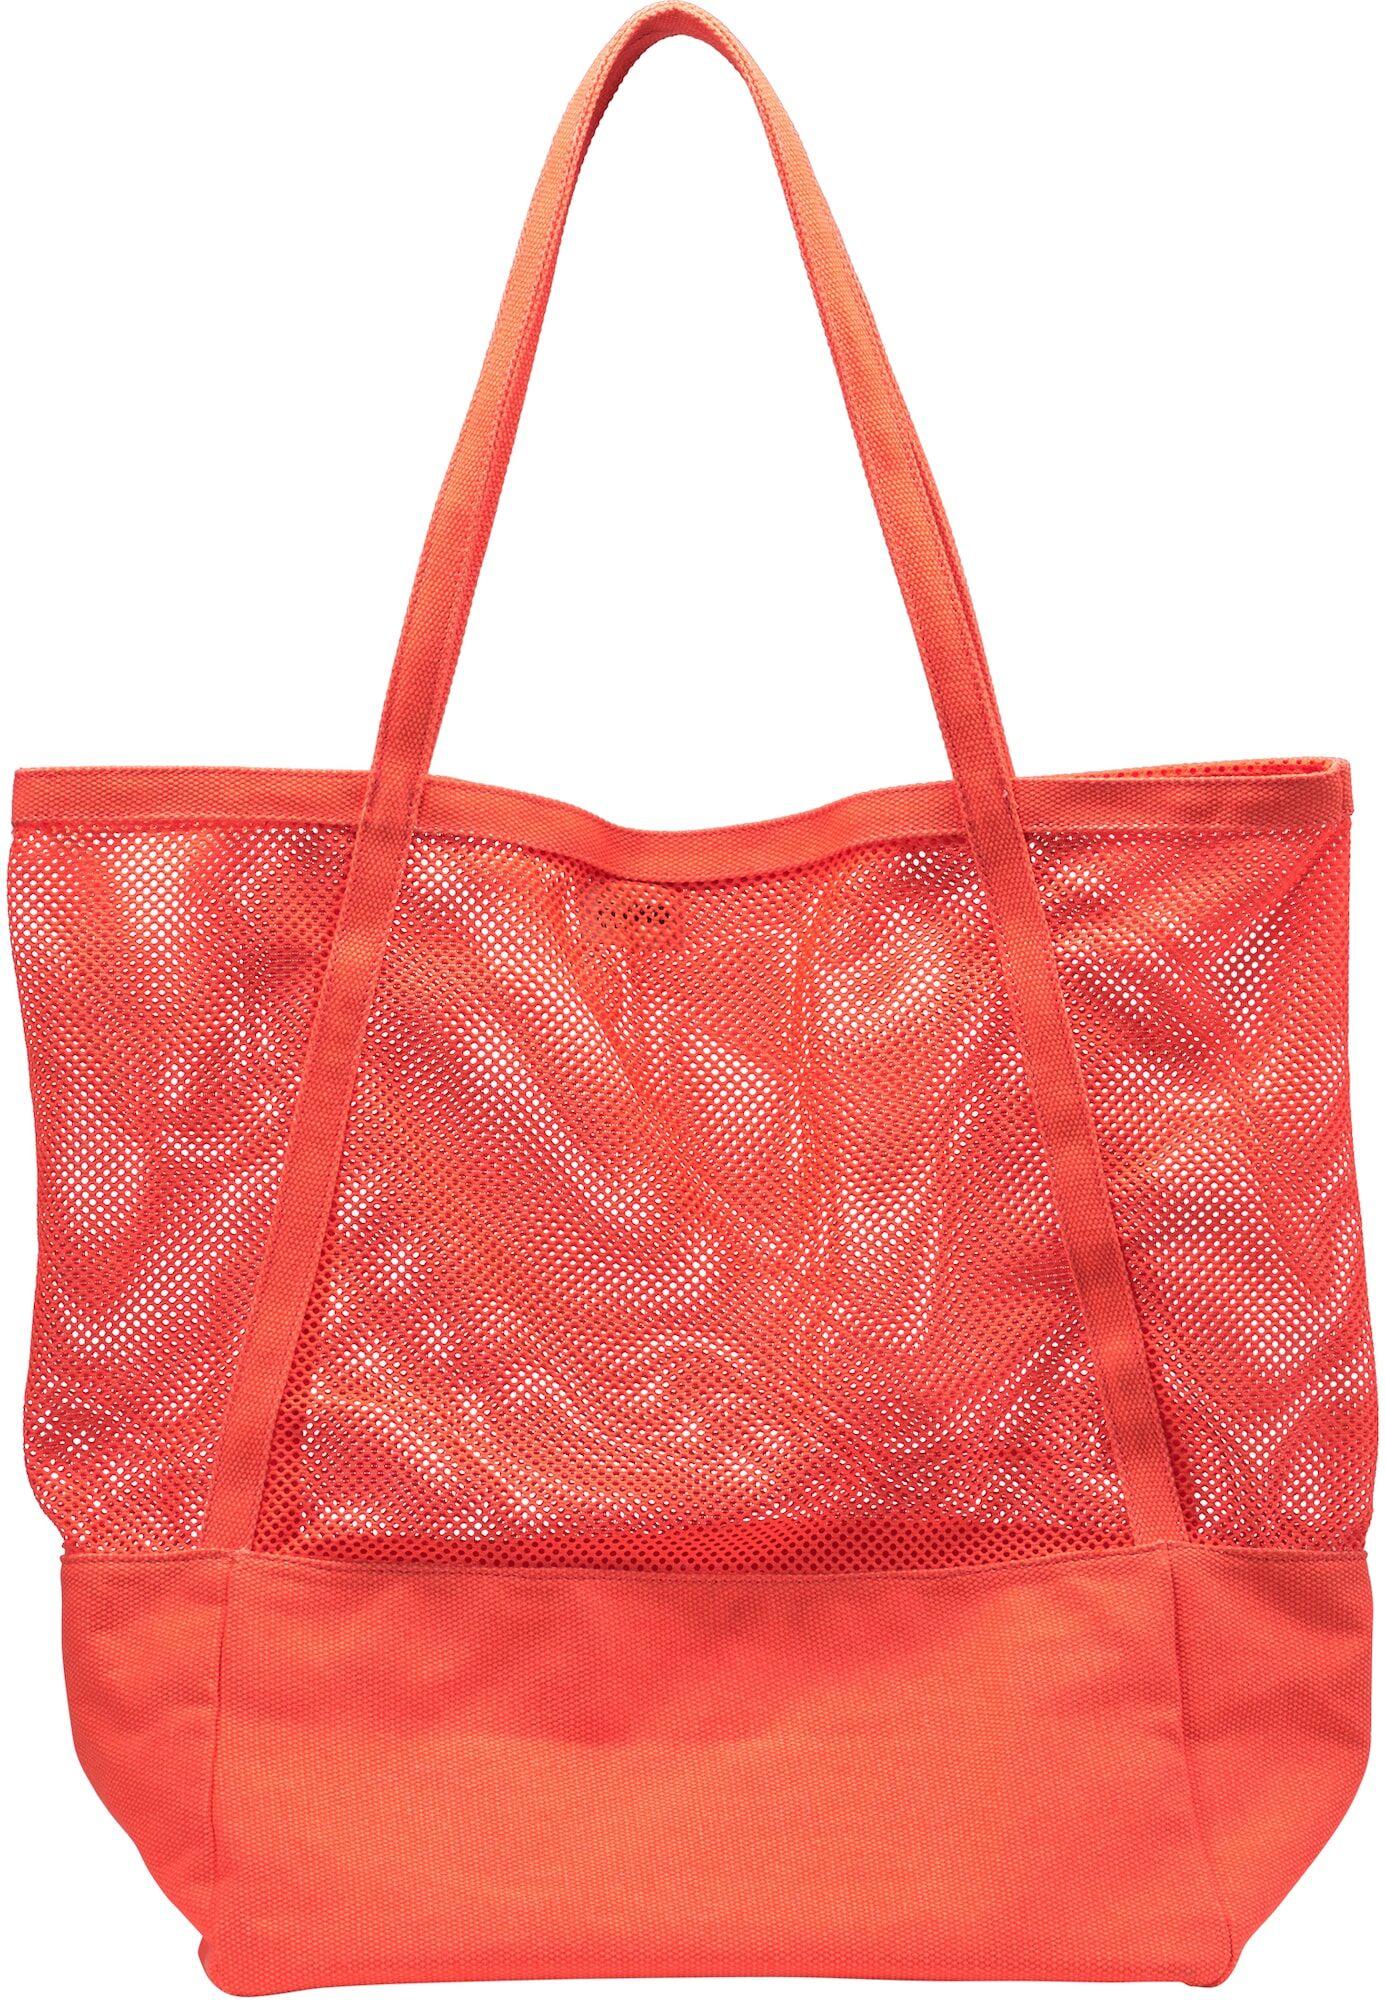 myMo ATHLSR Cabas  - Orange - Taille: One Size - female